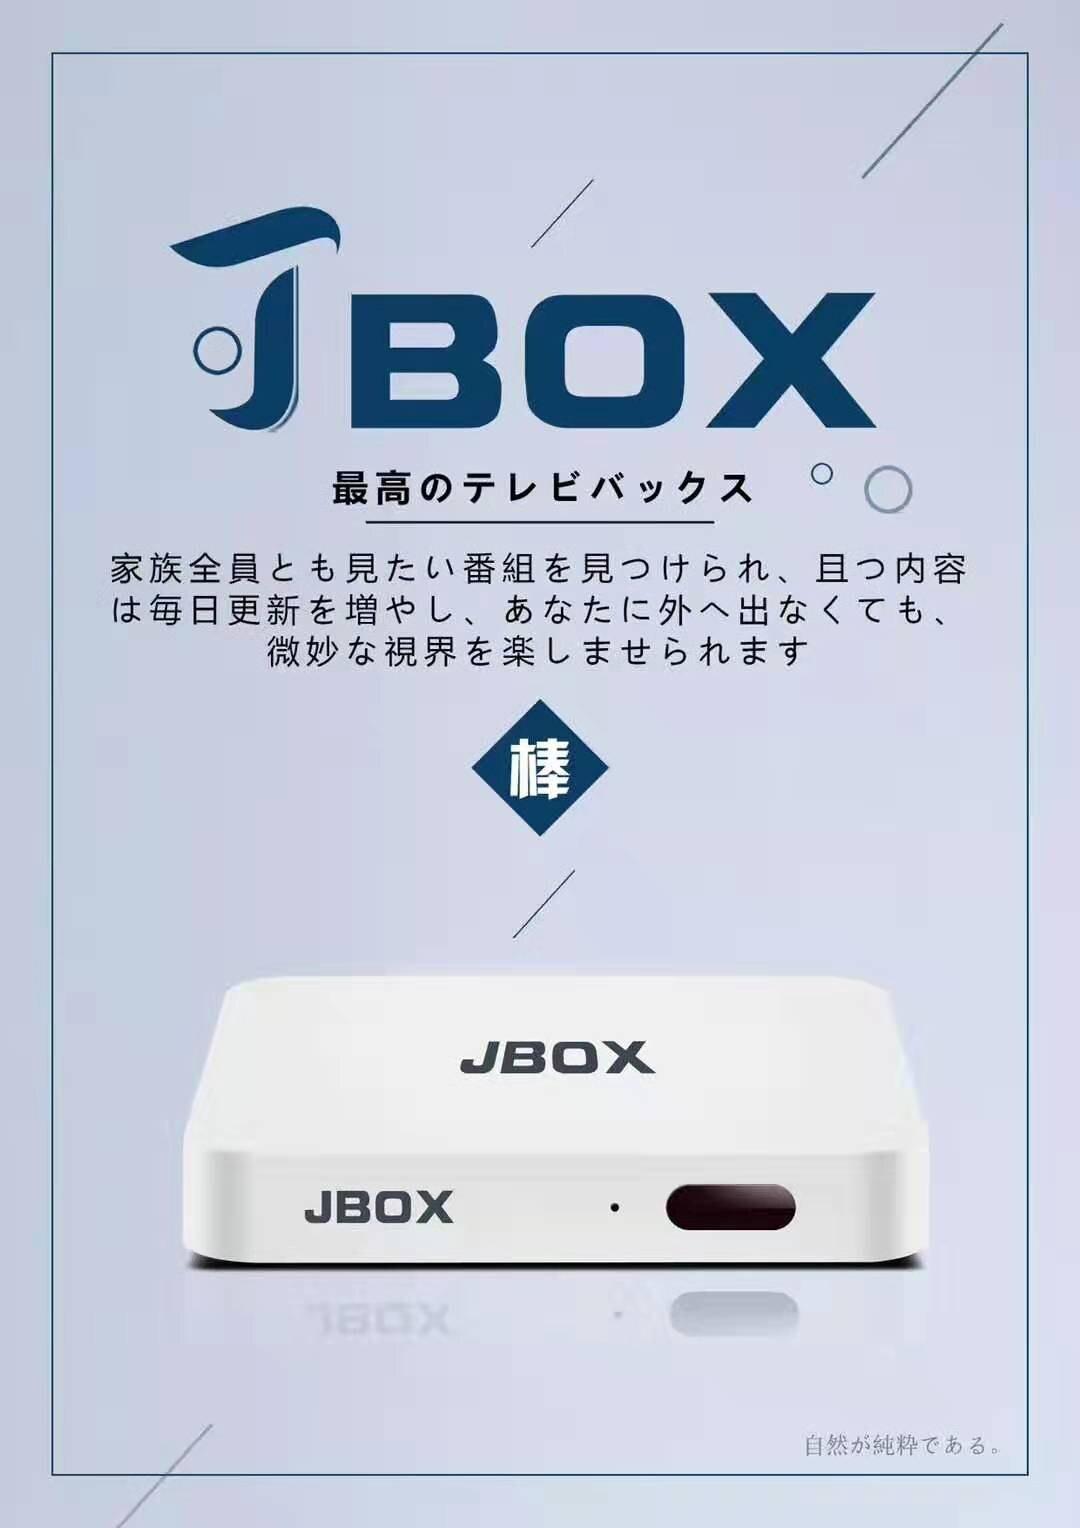 2019 новая версия Ubox JBOX японская версия HDMI 2,0 ТВ приставка Android 7,0 1 Гб + 16 Гб JP ТВ канал воспроизведения - 5